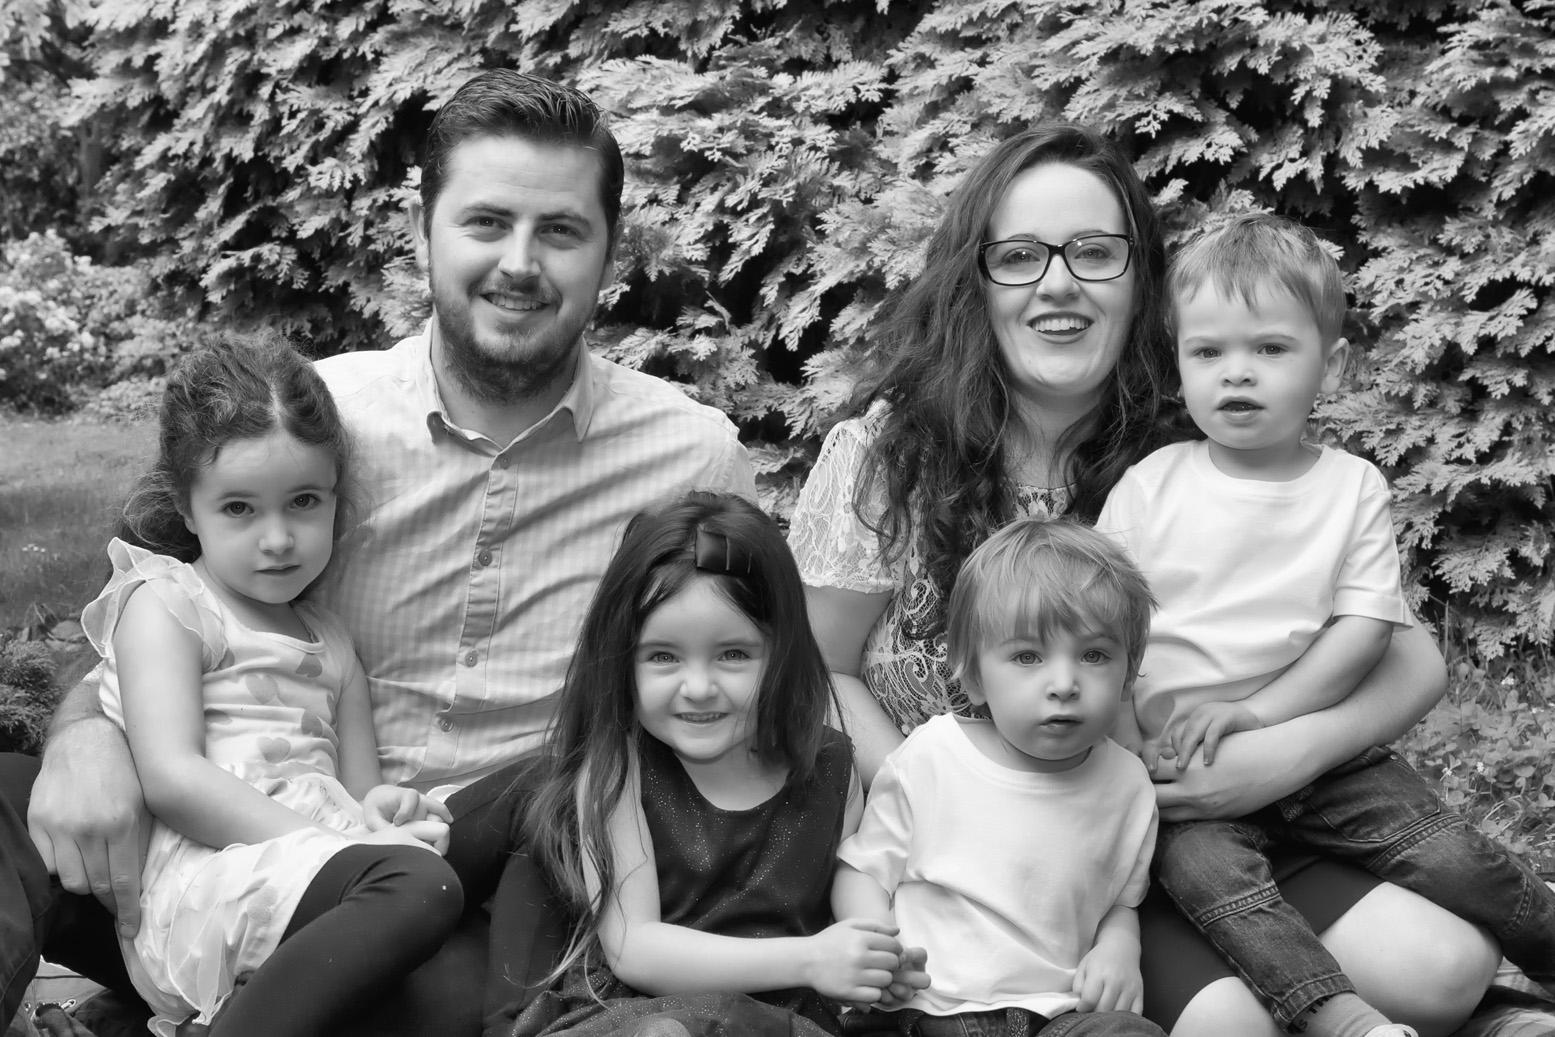 Family Photography mornington peninsula 595